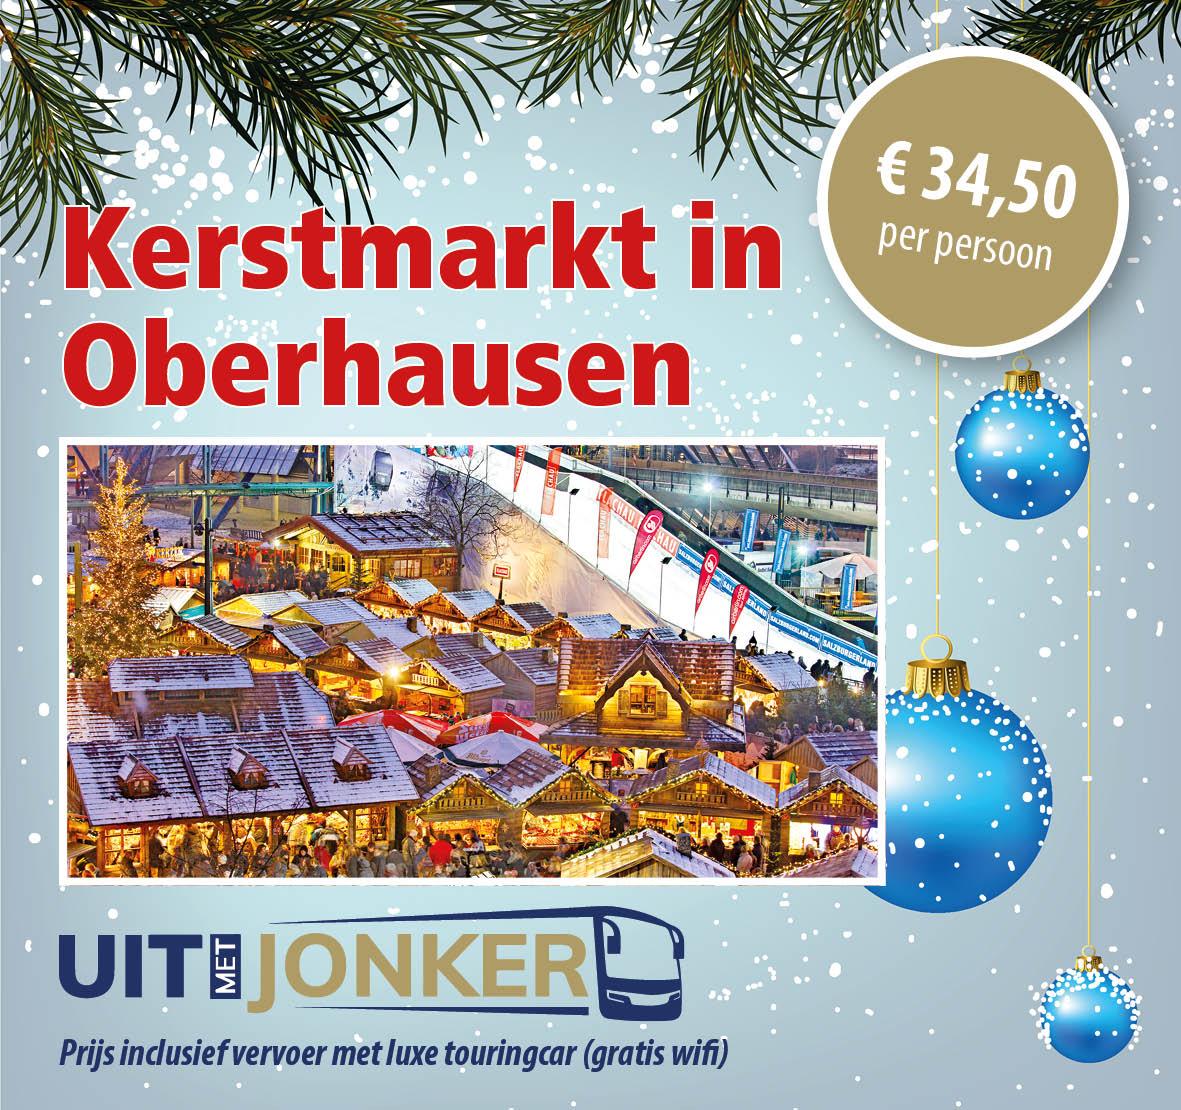 Dagtocht kerstmarkt Oberhausen